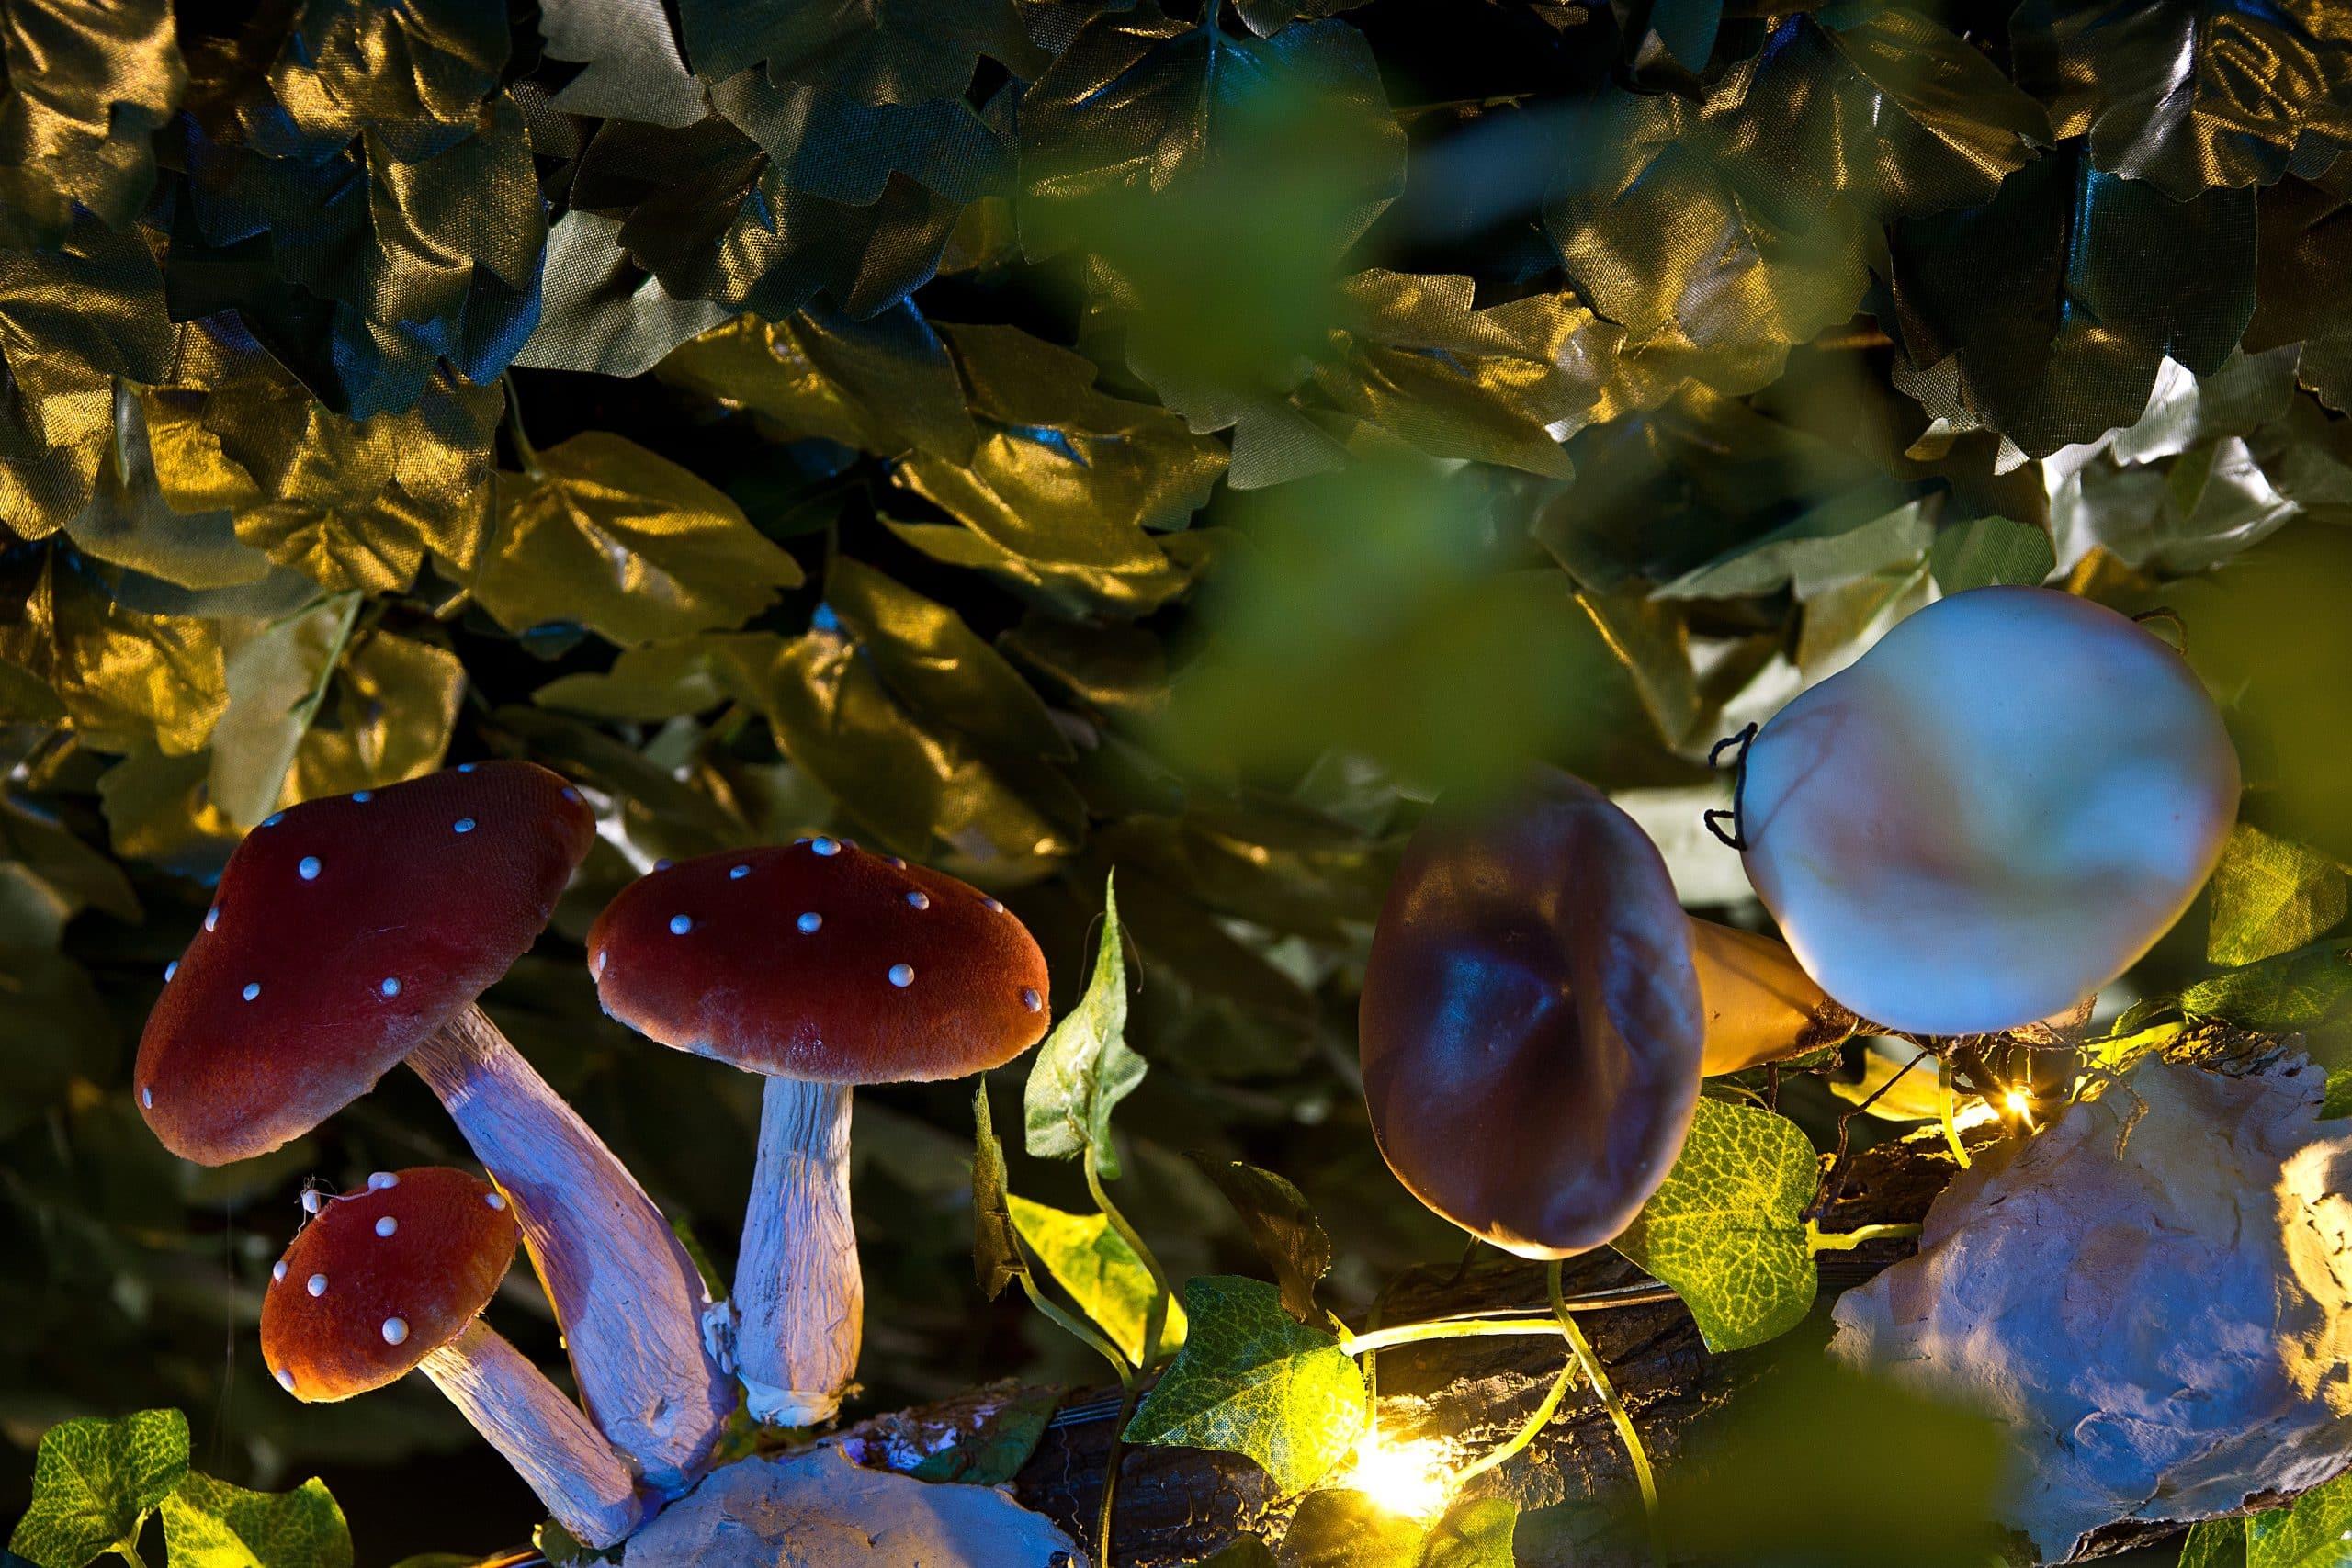 Image de champignons illustrant la salle Magie Noire de l'escape game le défi des ducs à Dijon